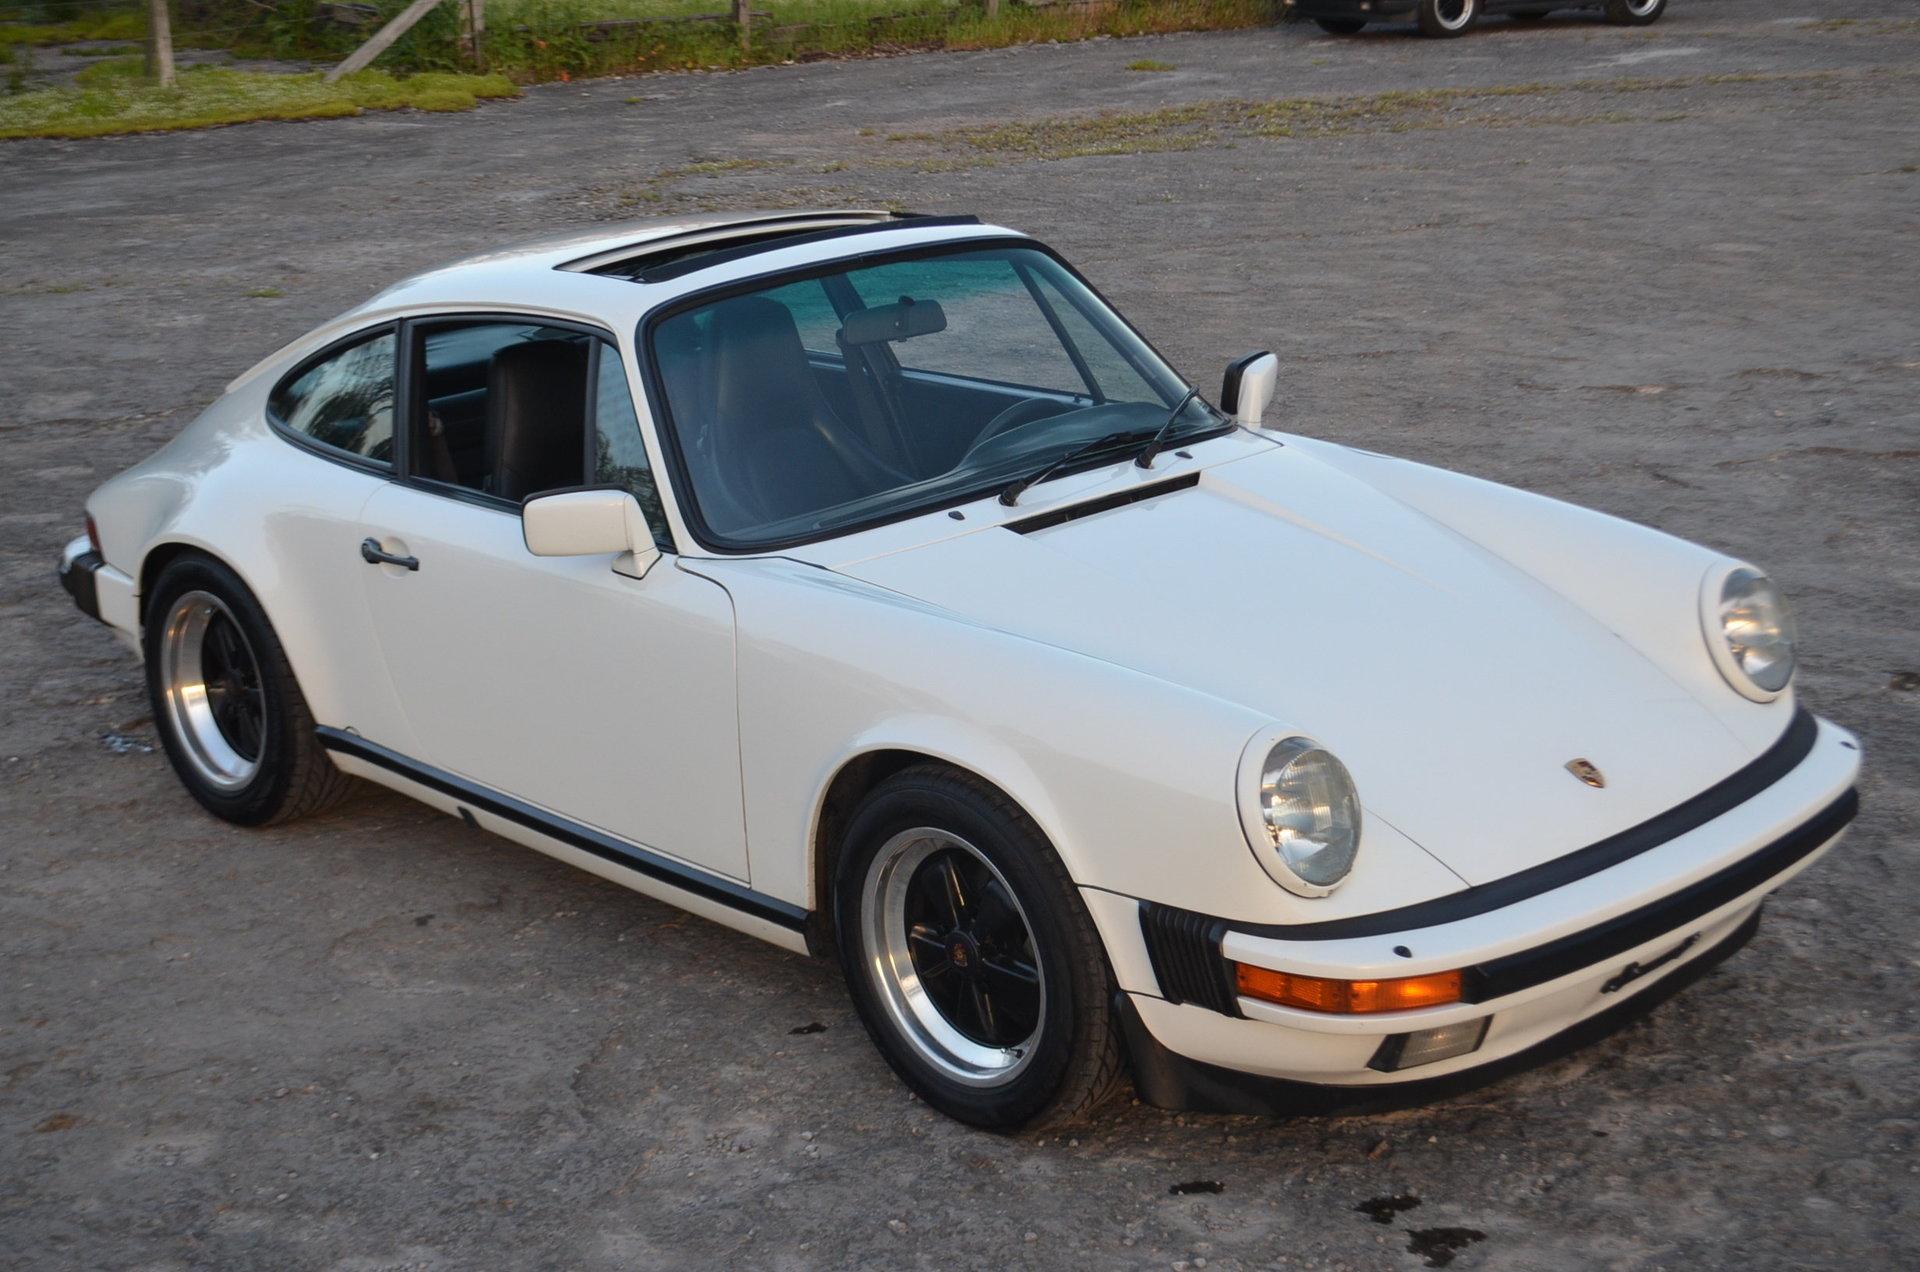 1986 Porsche 911 Carrera For Sale 87473 Mcg